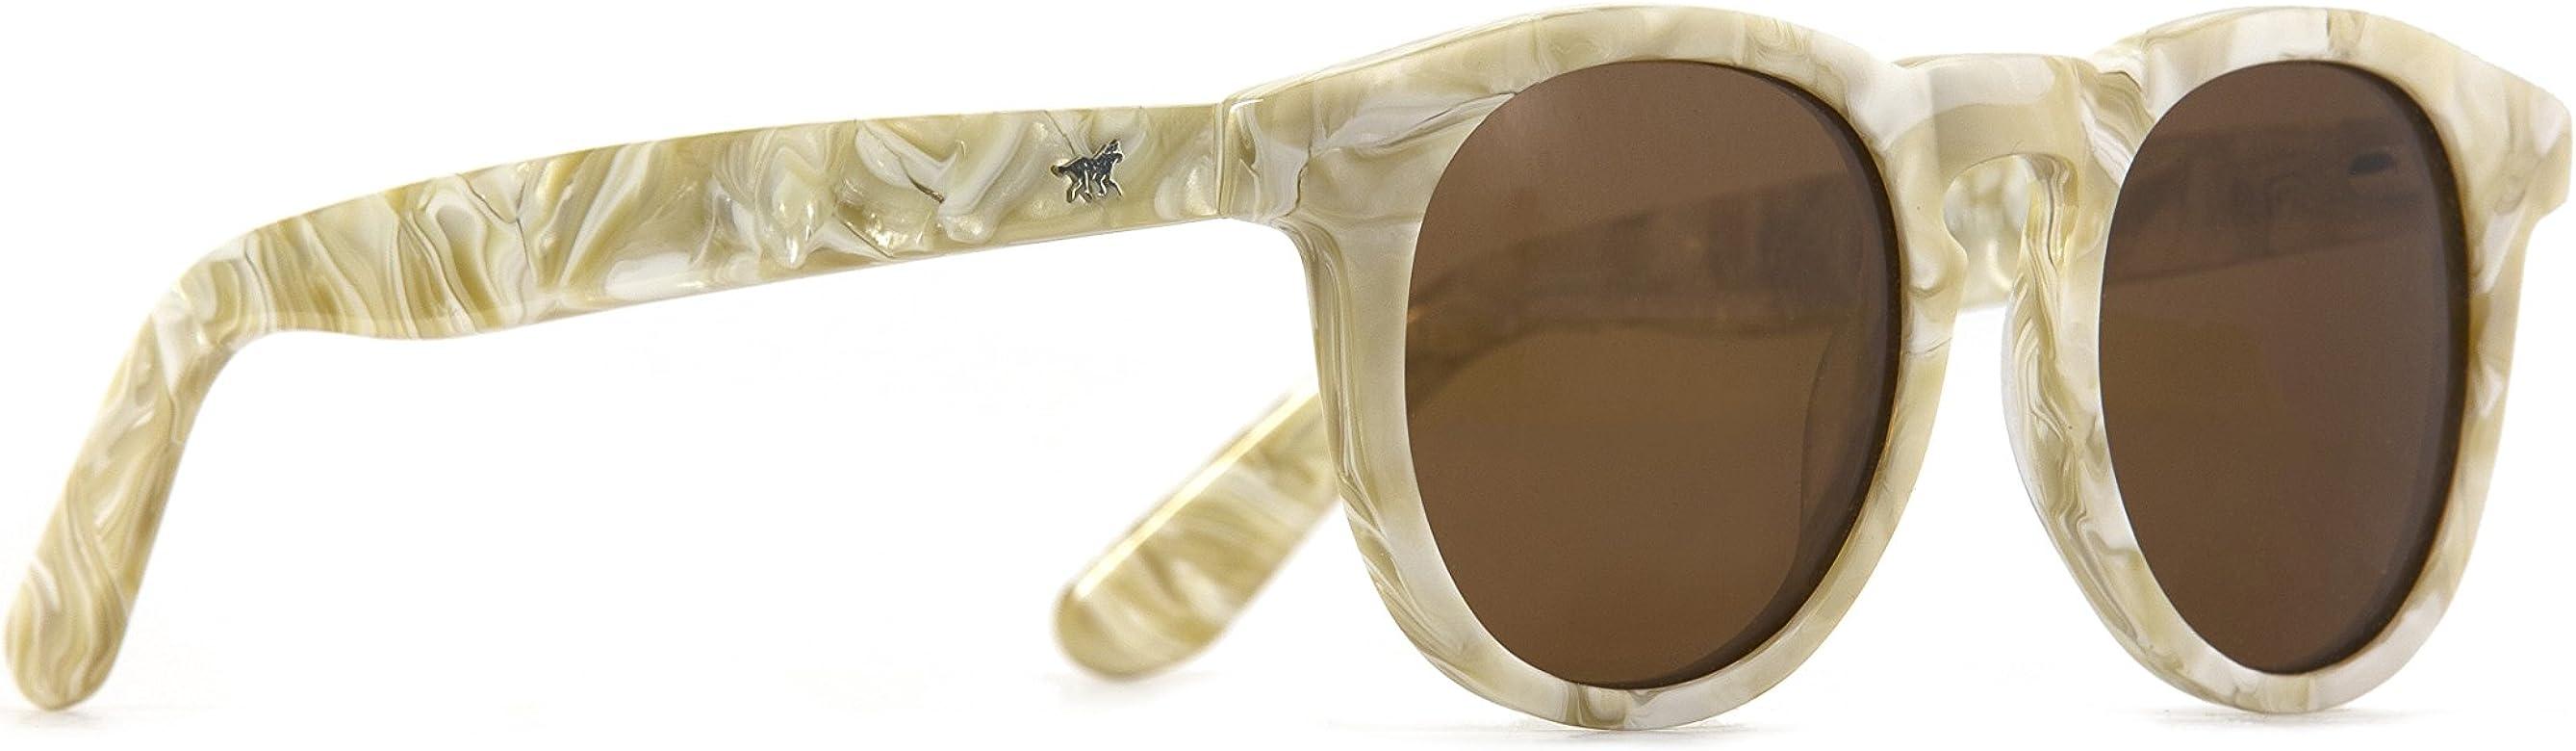 Wolfnoir Gafas de Sol W01C19: Amazon.es: Ropa y accesorios